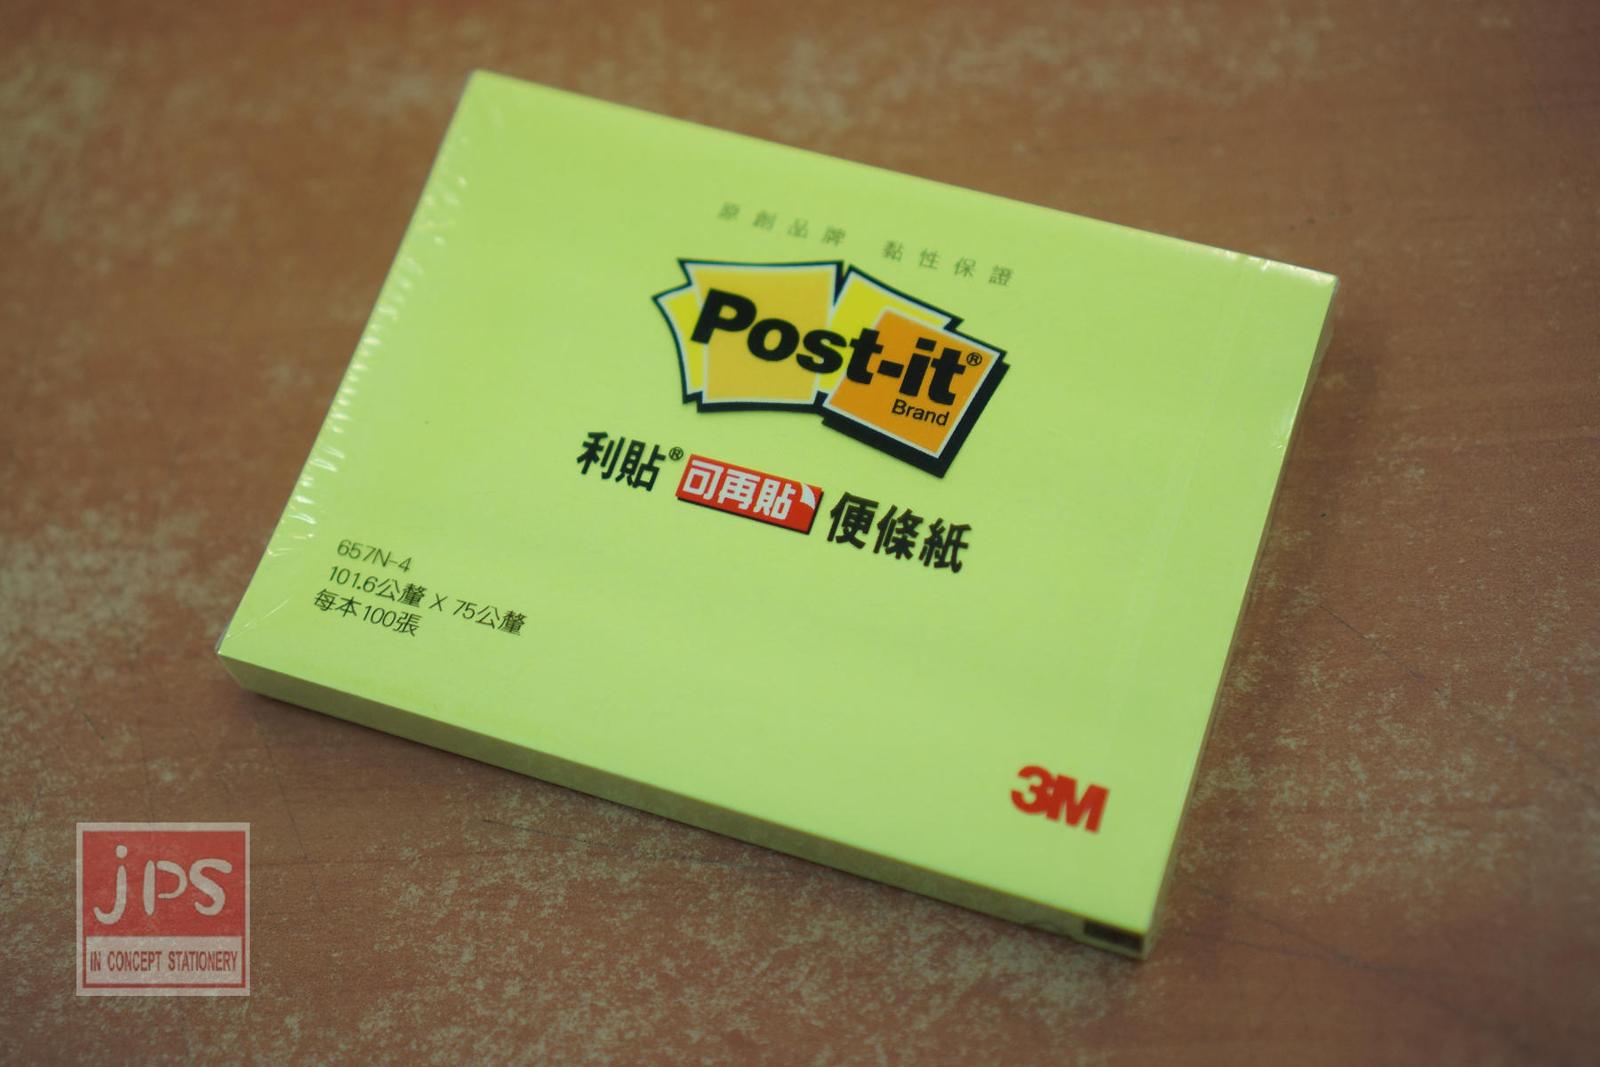 3M Post-it 利貼 可再貼 便條紙 便利貼 螢光綠 657N-4